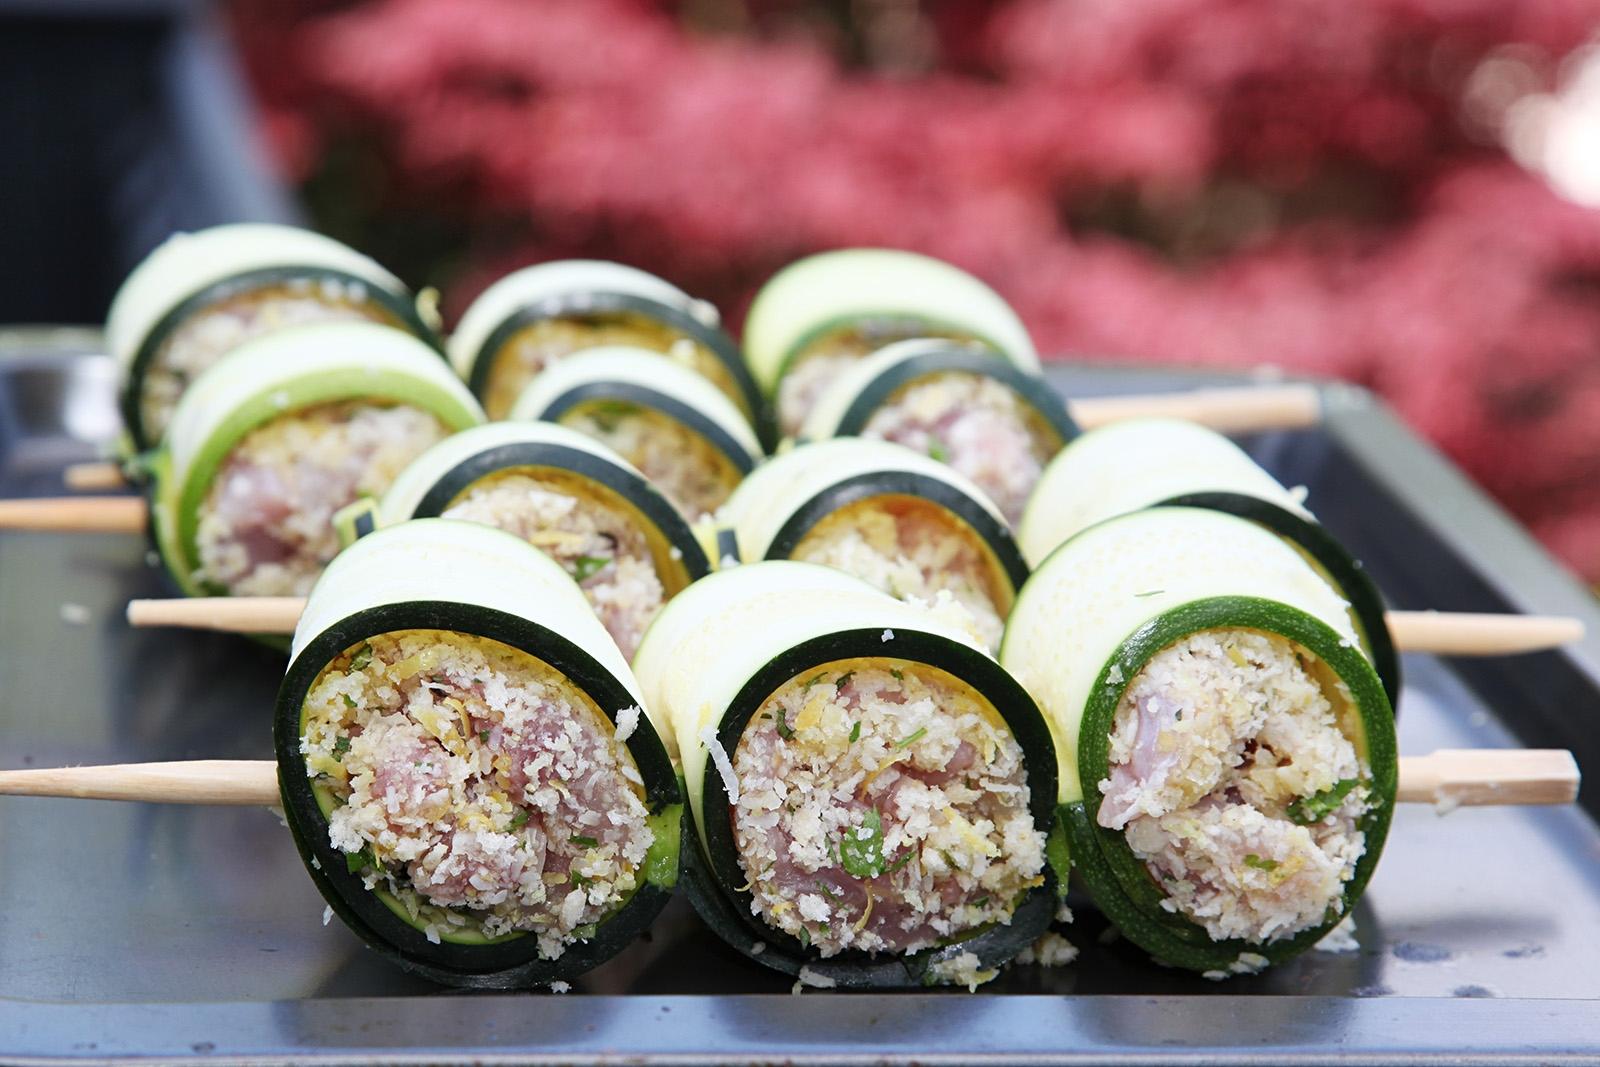 Kuřecí maso skvěle ladí s citrónem, parmazánem a bylinkami